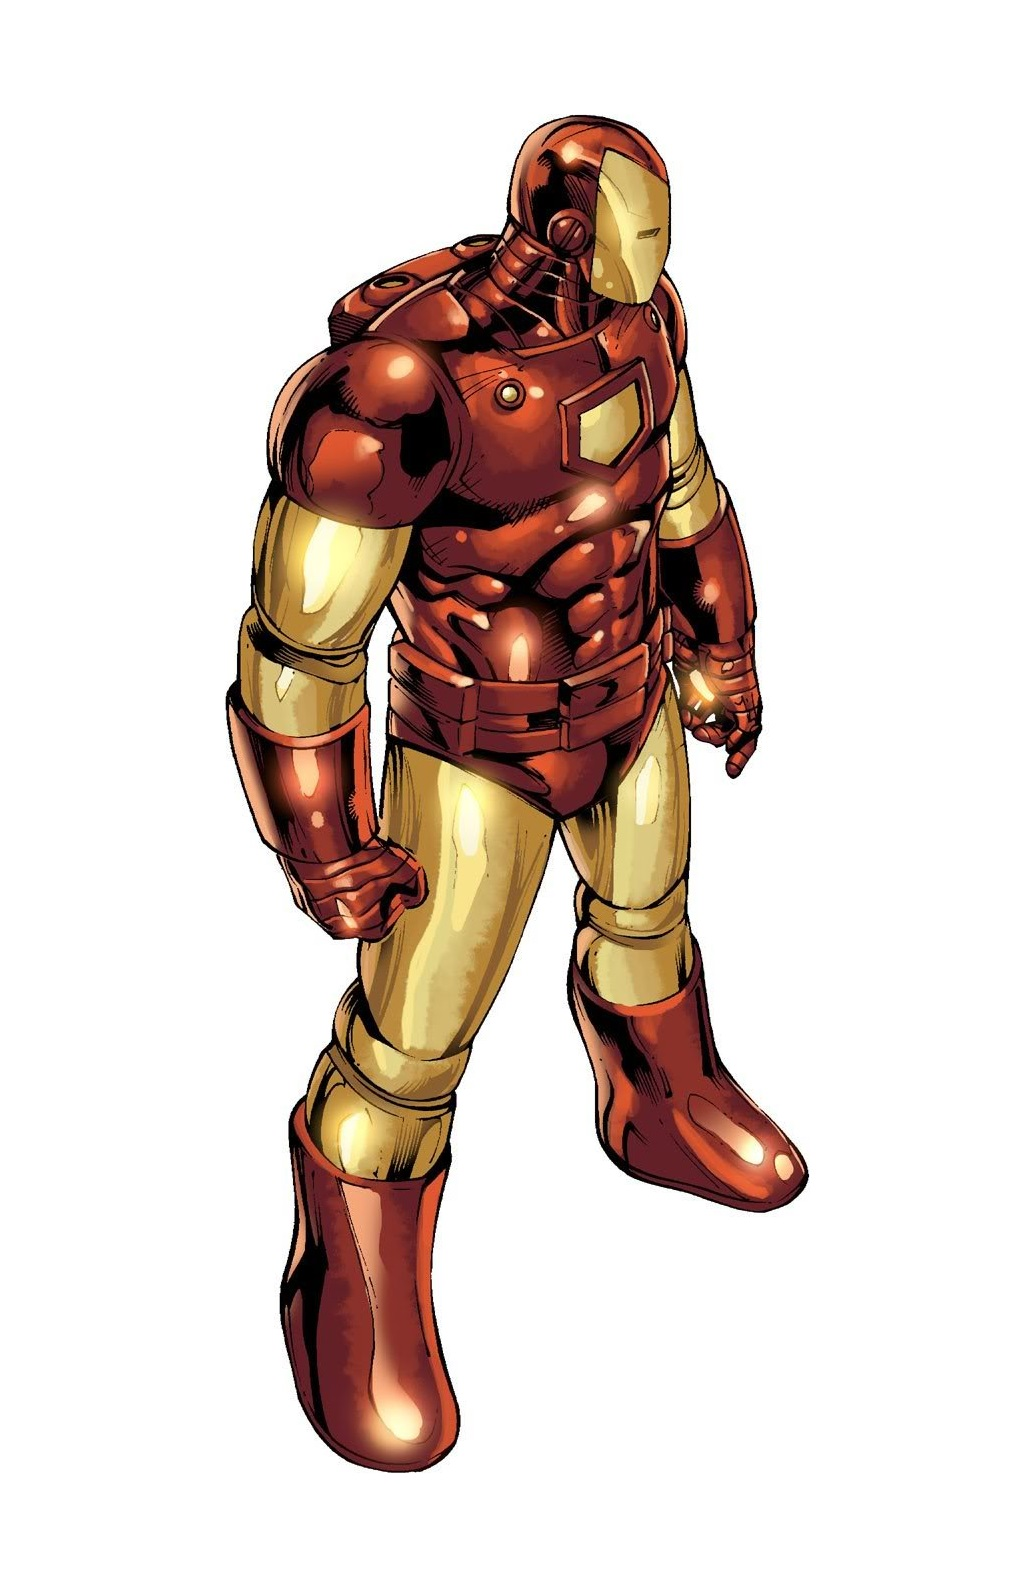 Armadura do Homem de Ferro Modelo 5